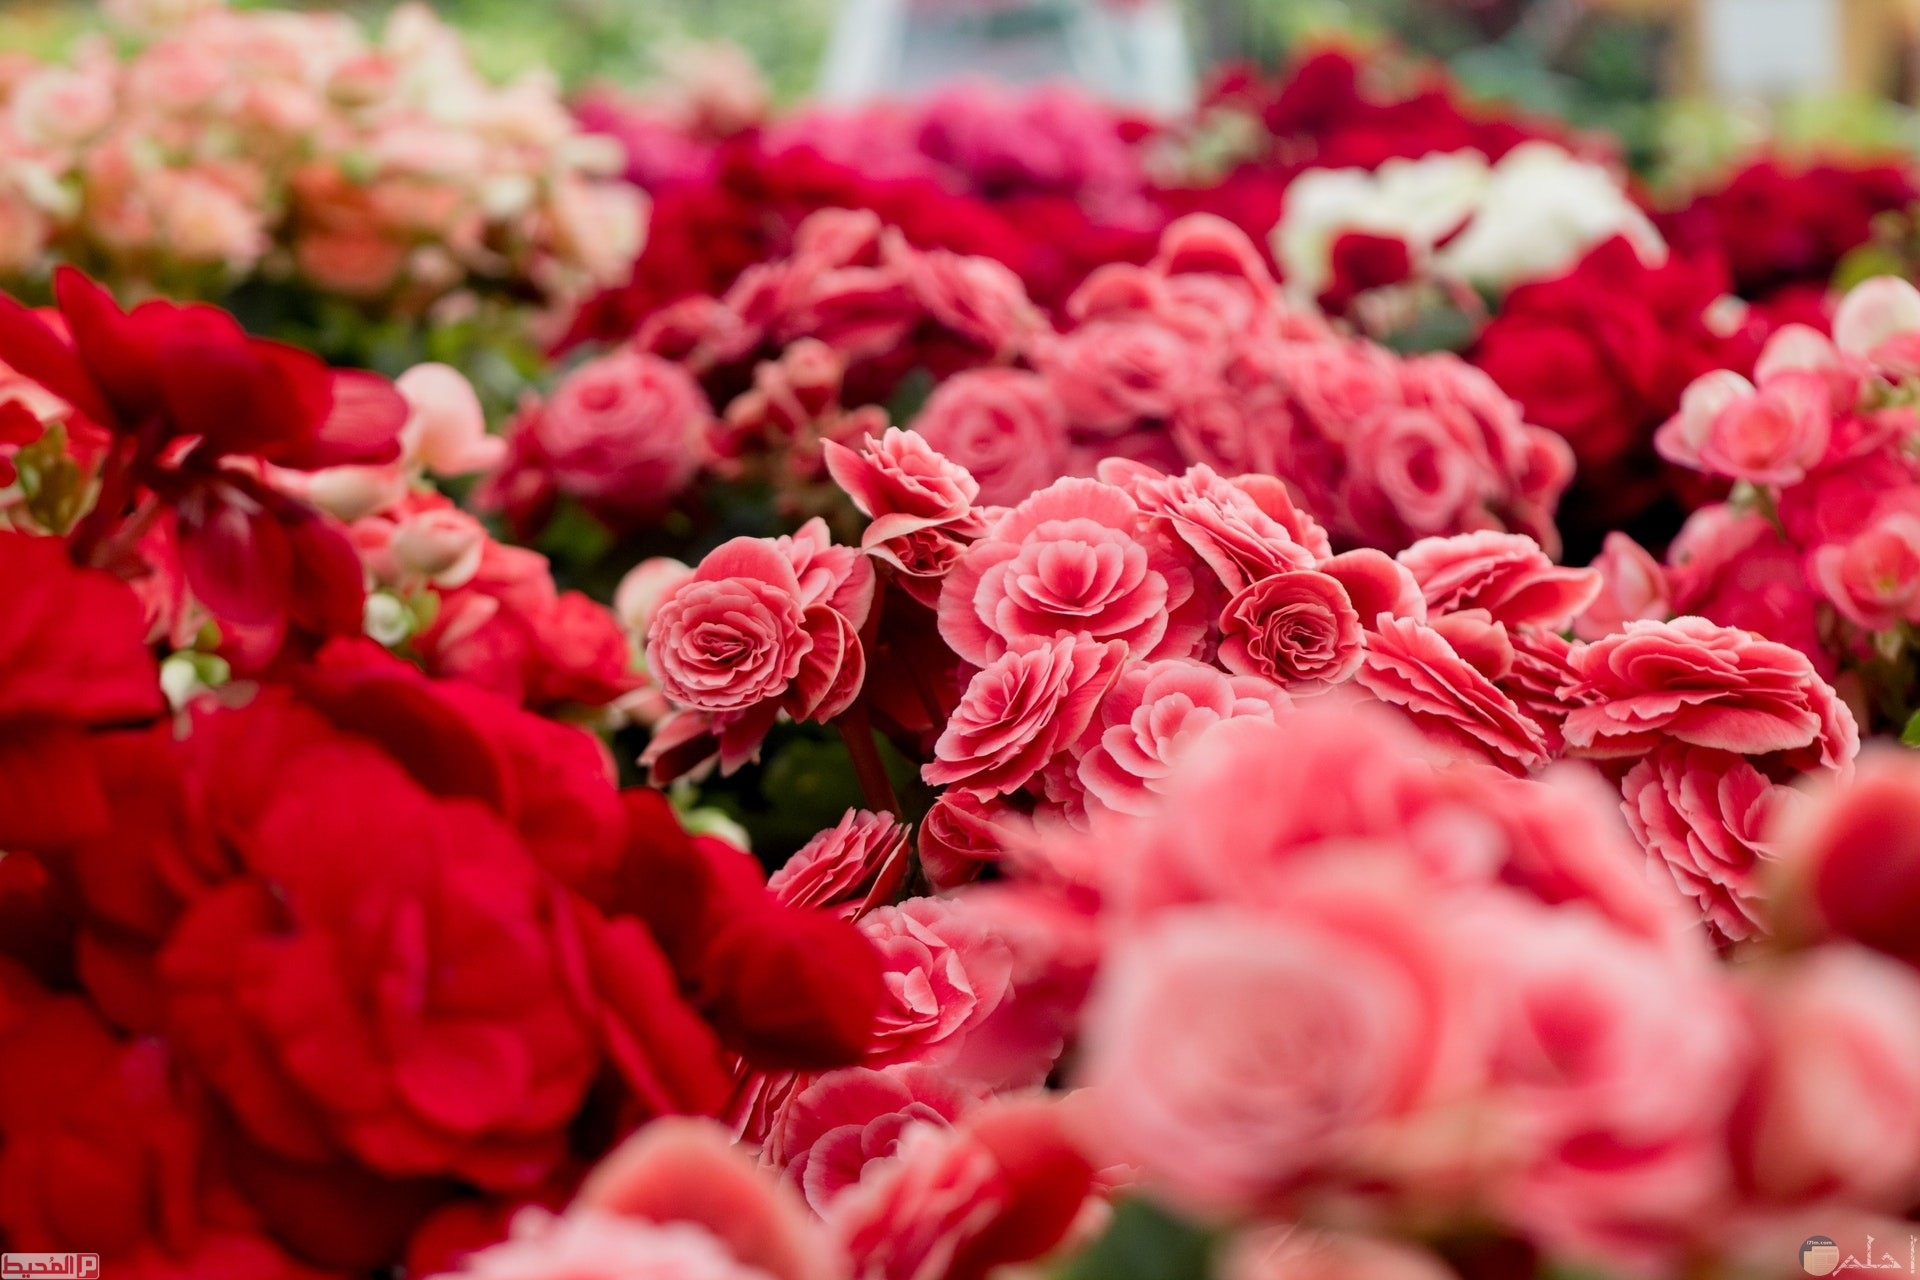 صور الورود للتصميم 3 1